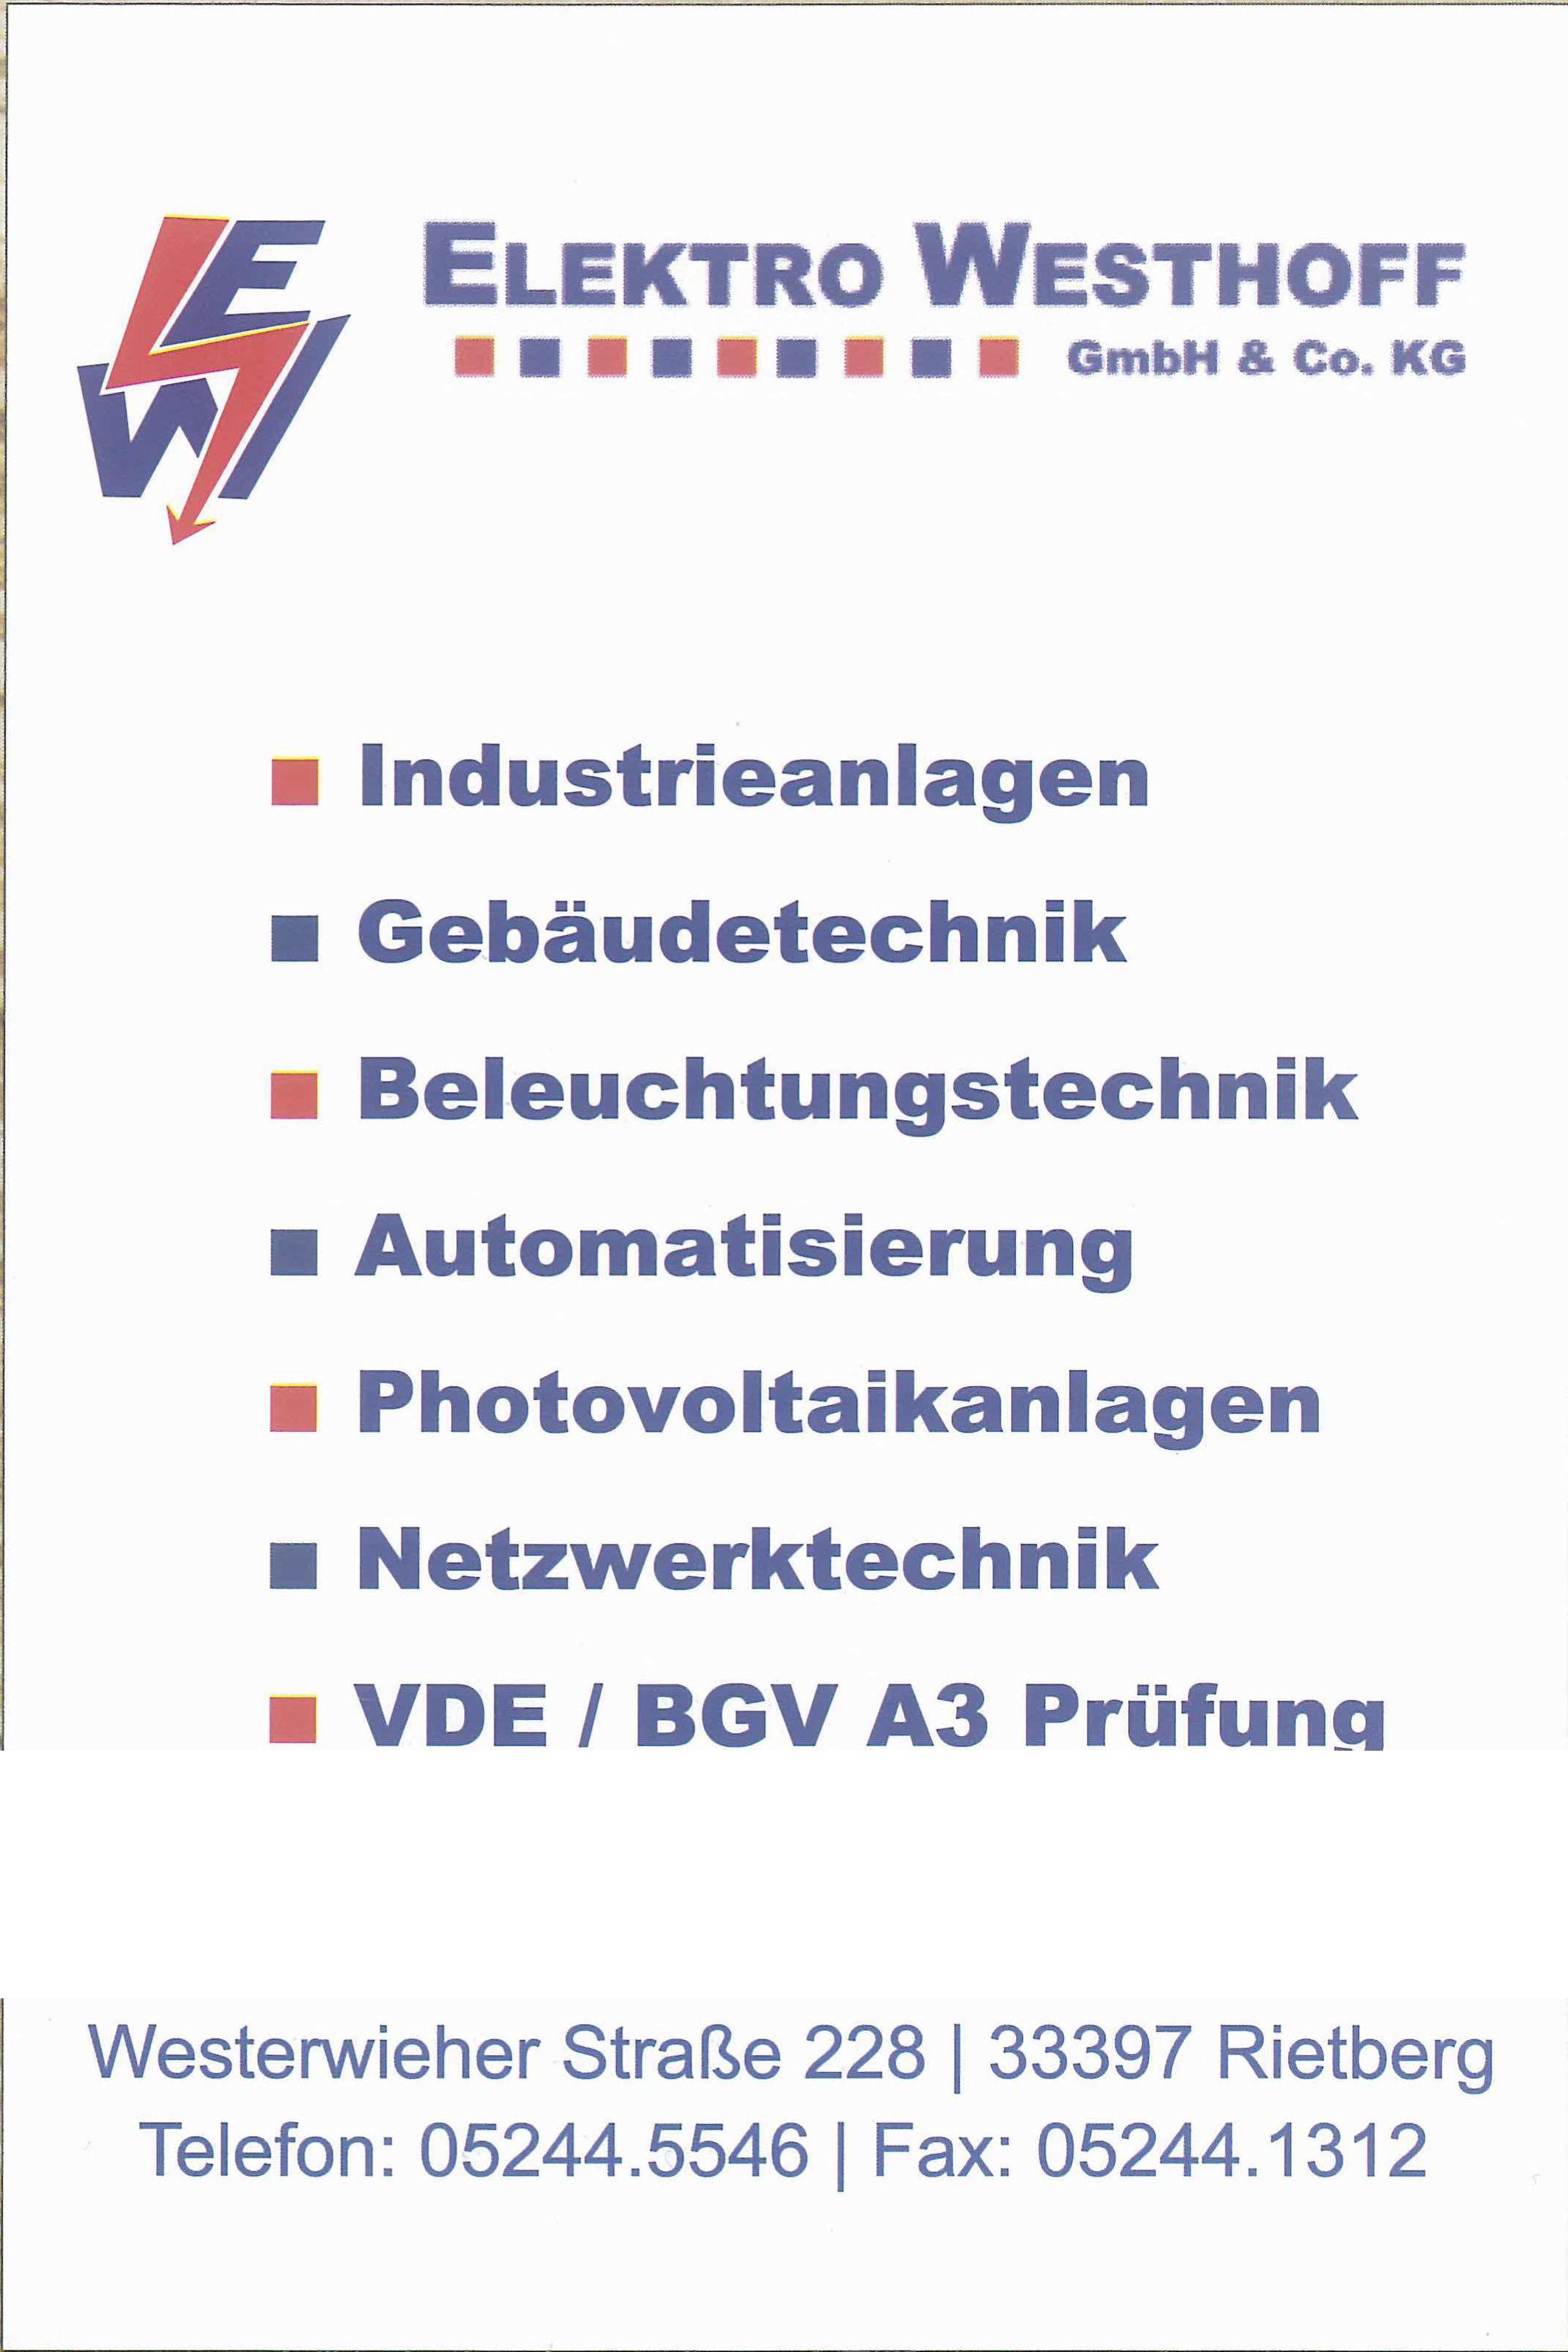 Elektro_Westhoff